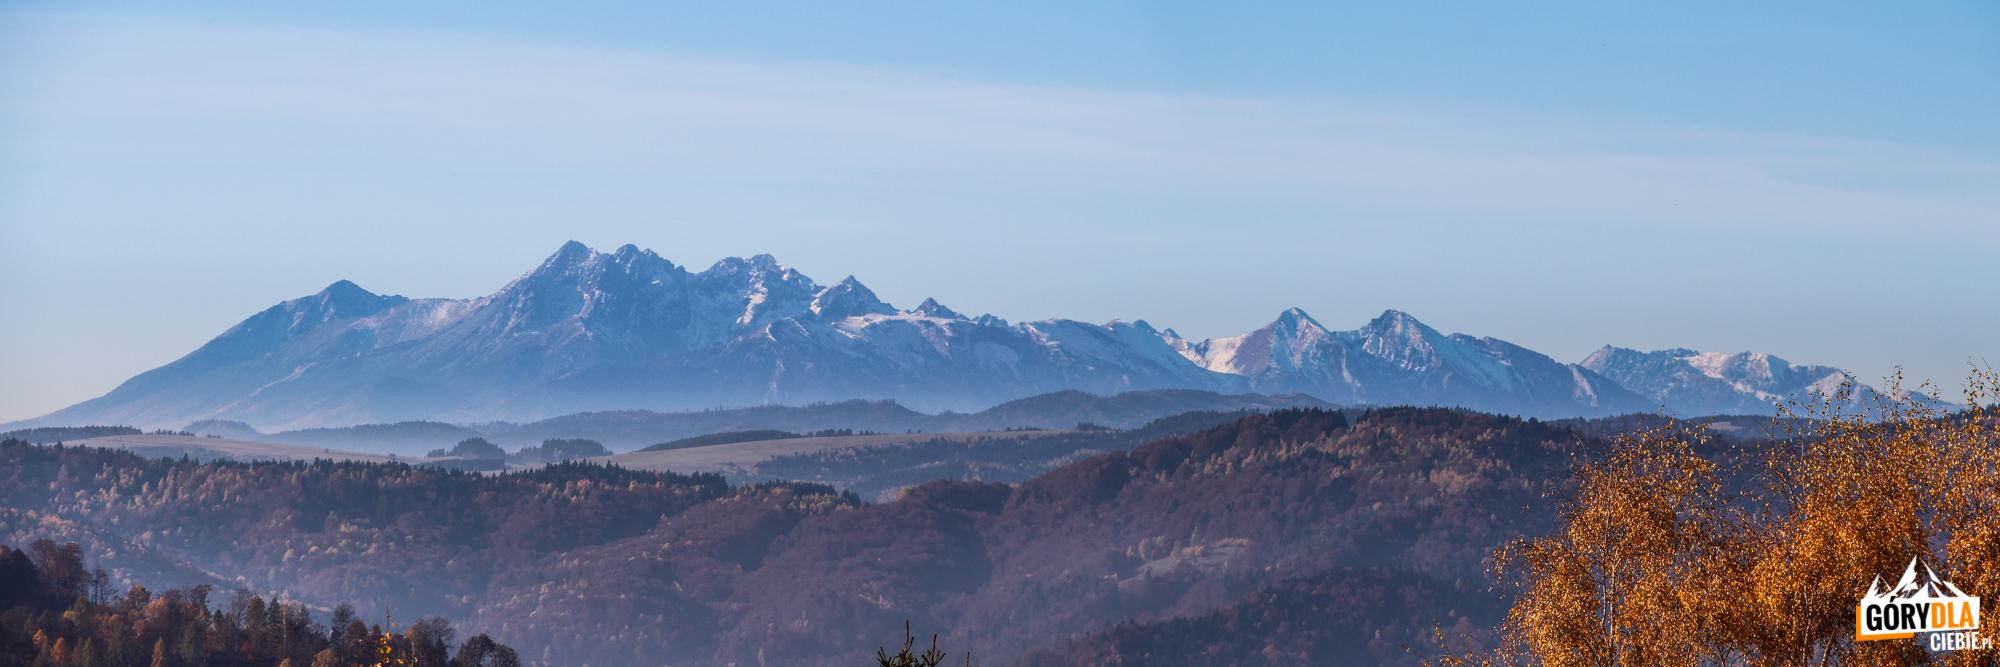 Panorama Tatr z podejścia na Pustą Wielką (1061 m)